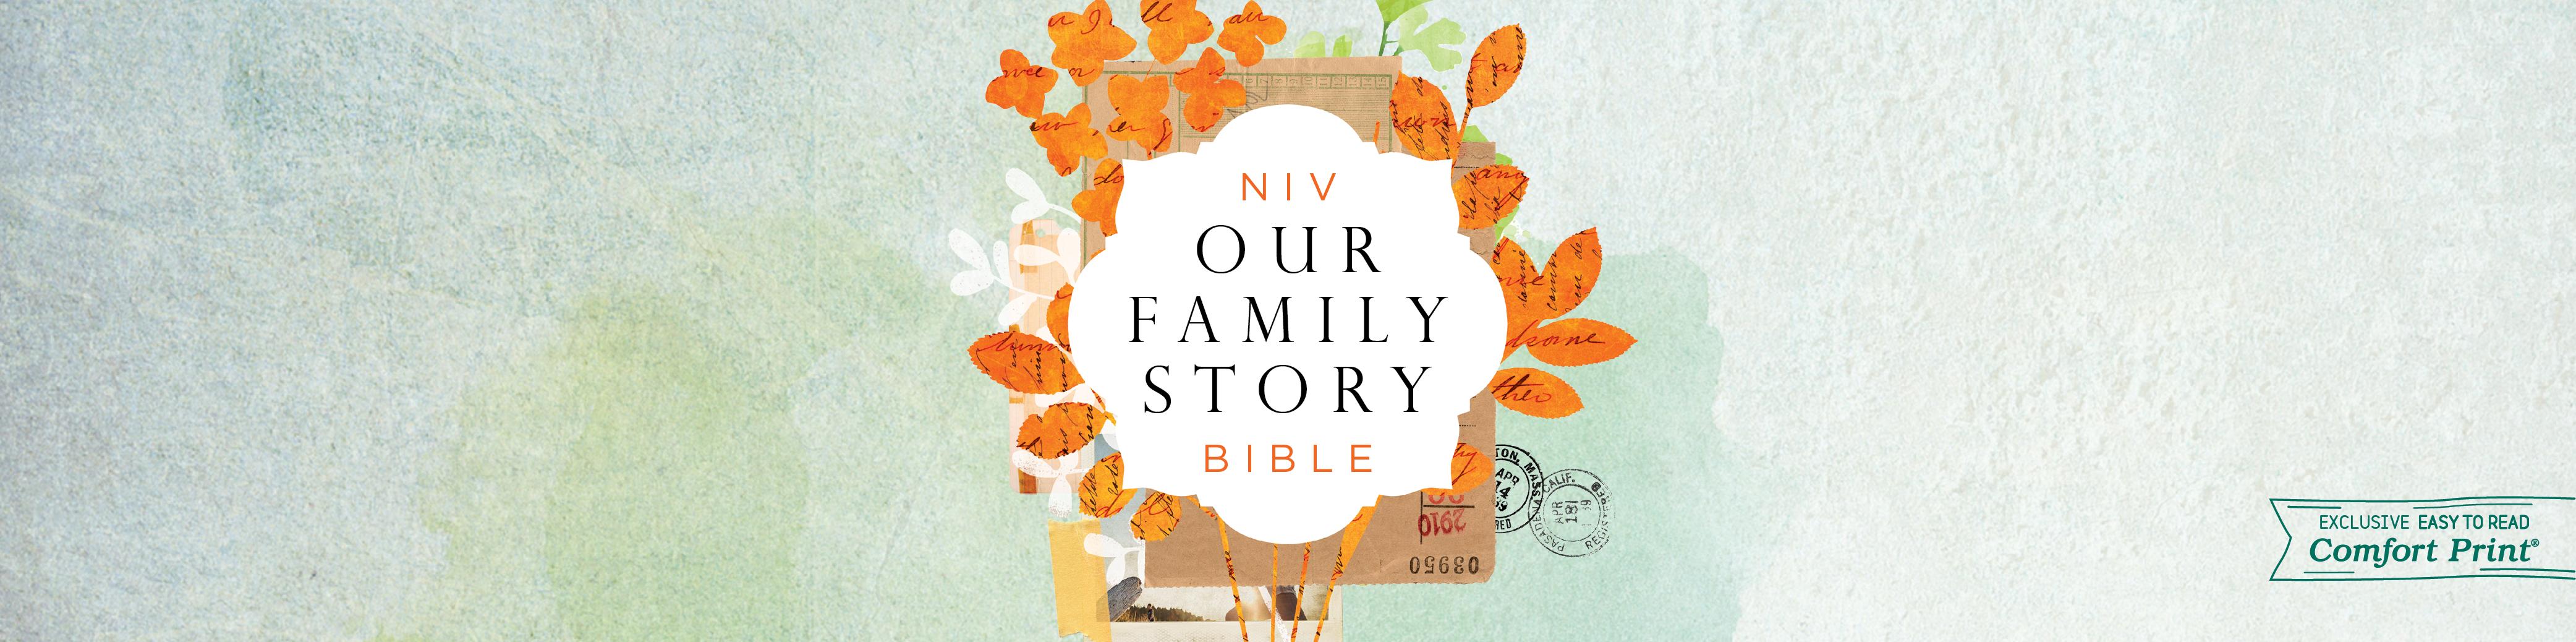 NIV-Our-Family-Story-Website_Header1